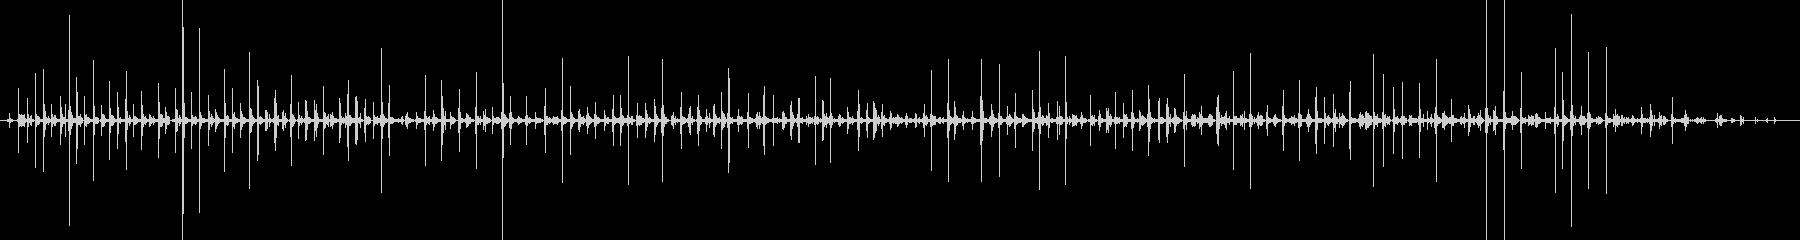 バイノーラル足音走るサンダル_左の未再生の波形